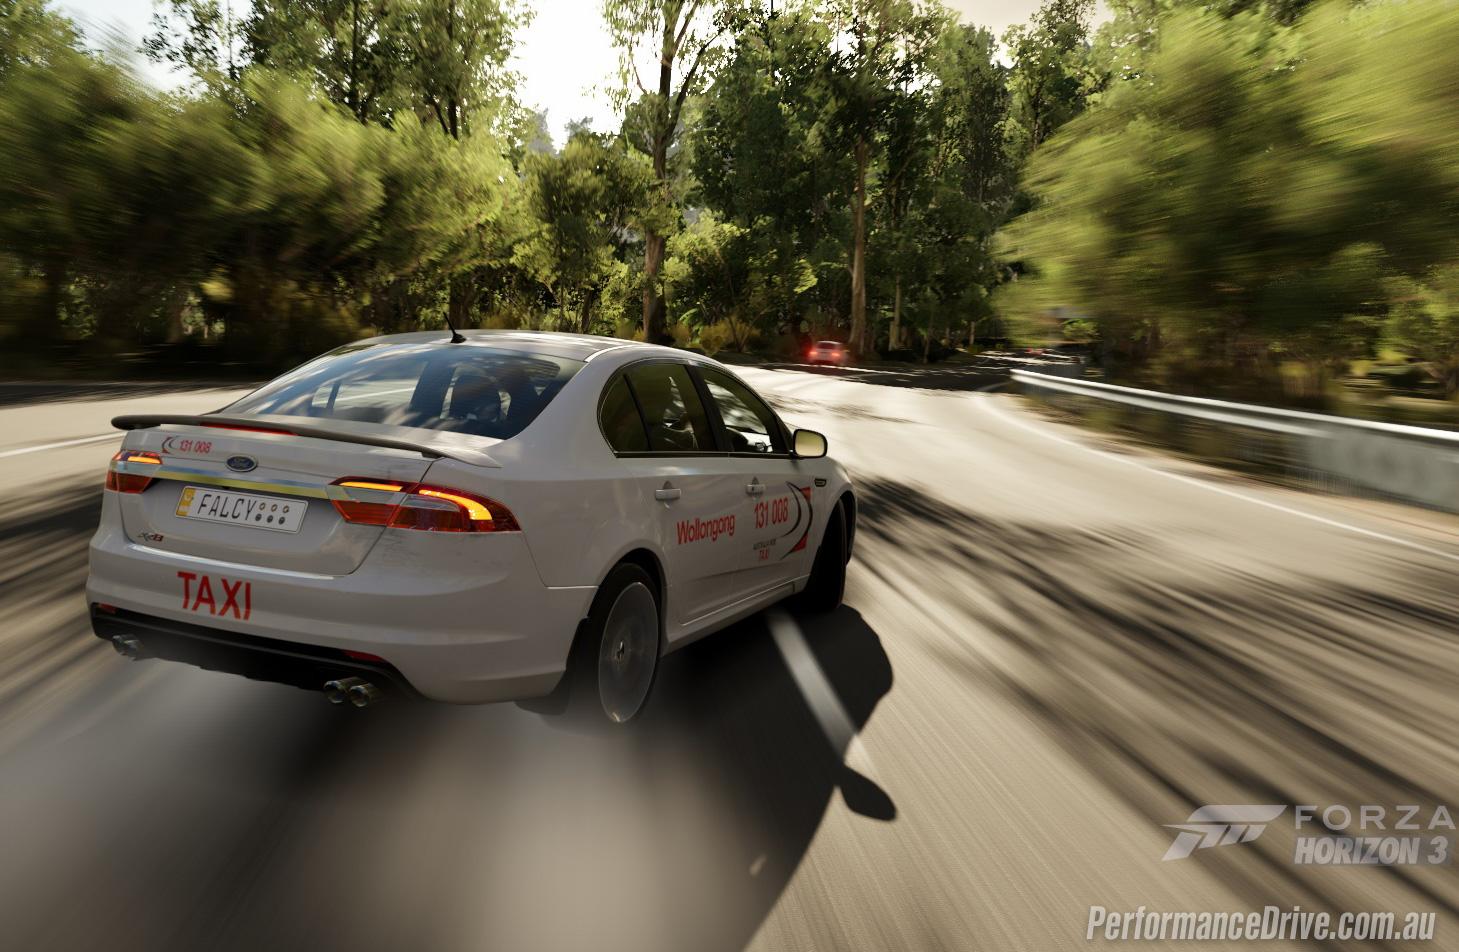 Forza Horizon 3 gameplay review | PerformanceDrive